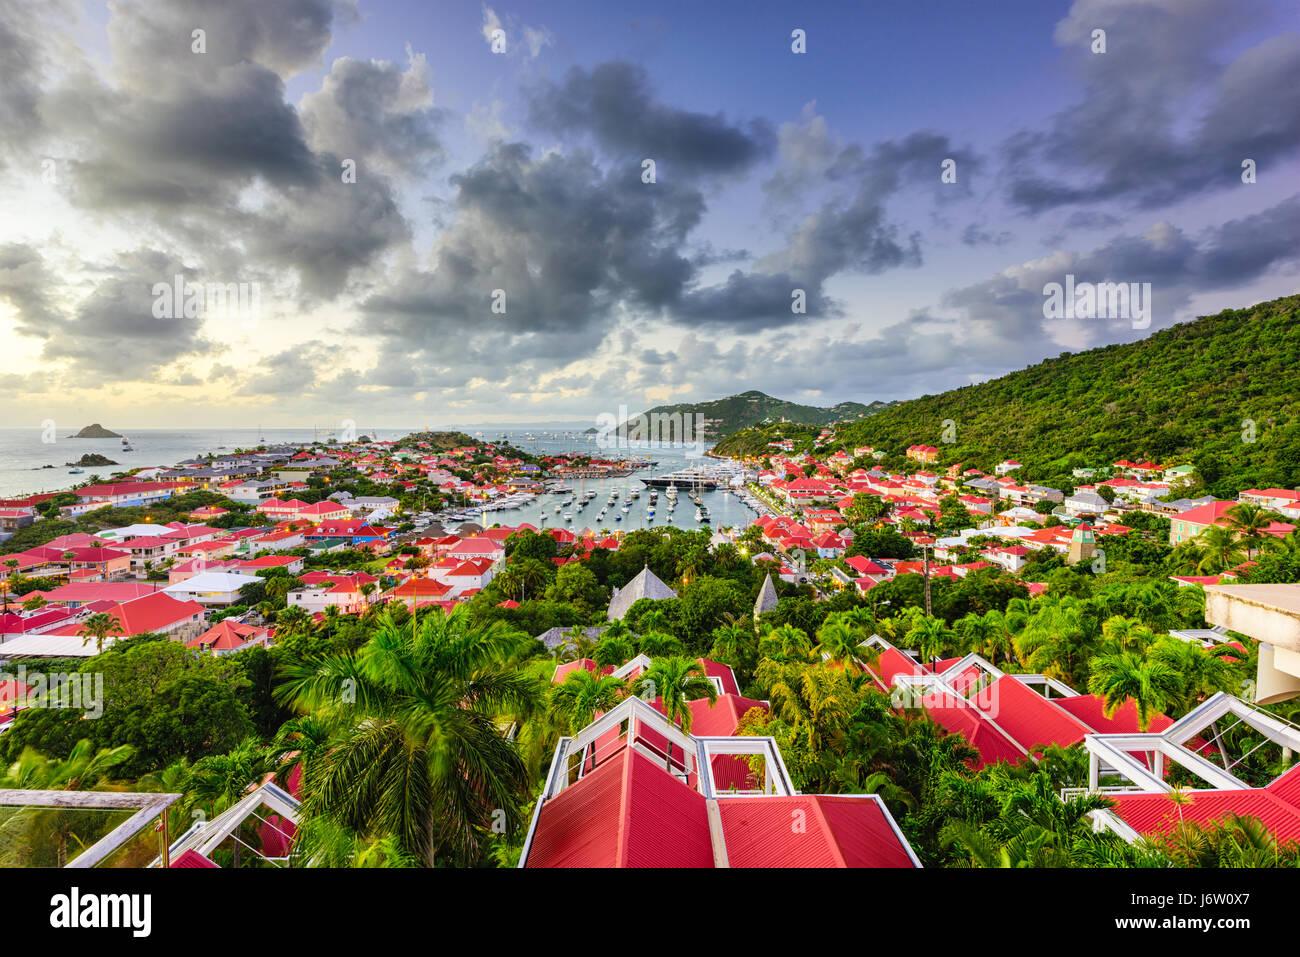 Le port et les toits de Saint Barthelemy dans les Caraïbes. Photo Stock